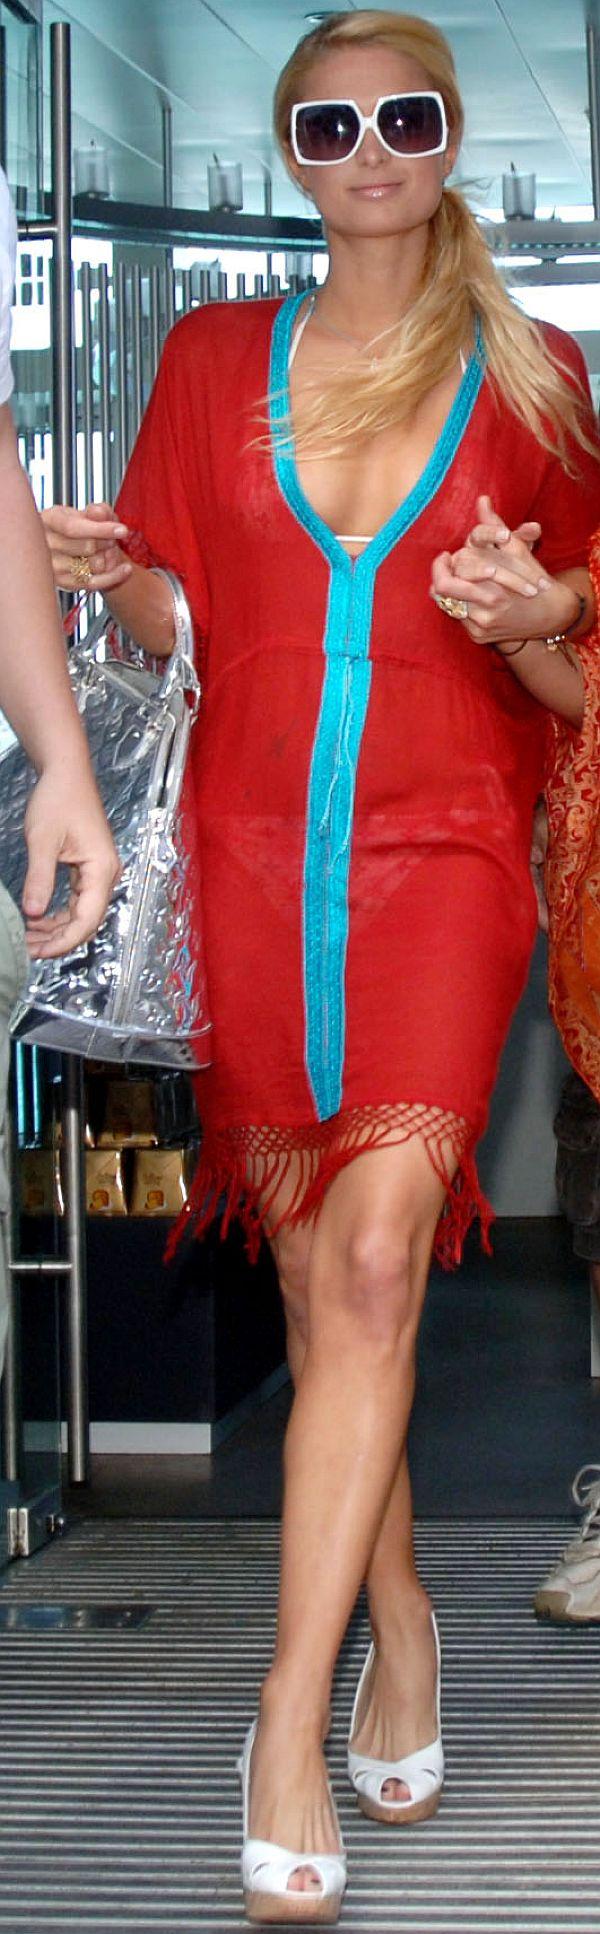 Paris Hilton See Through Dress